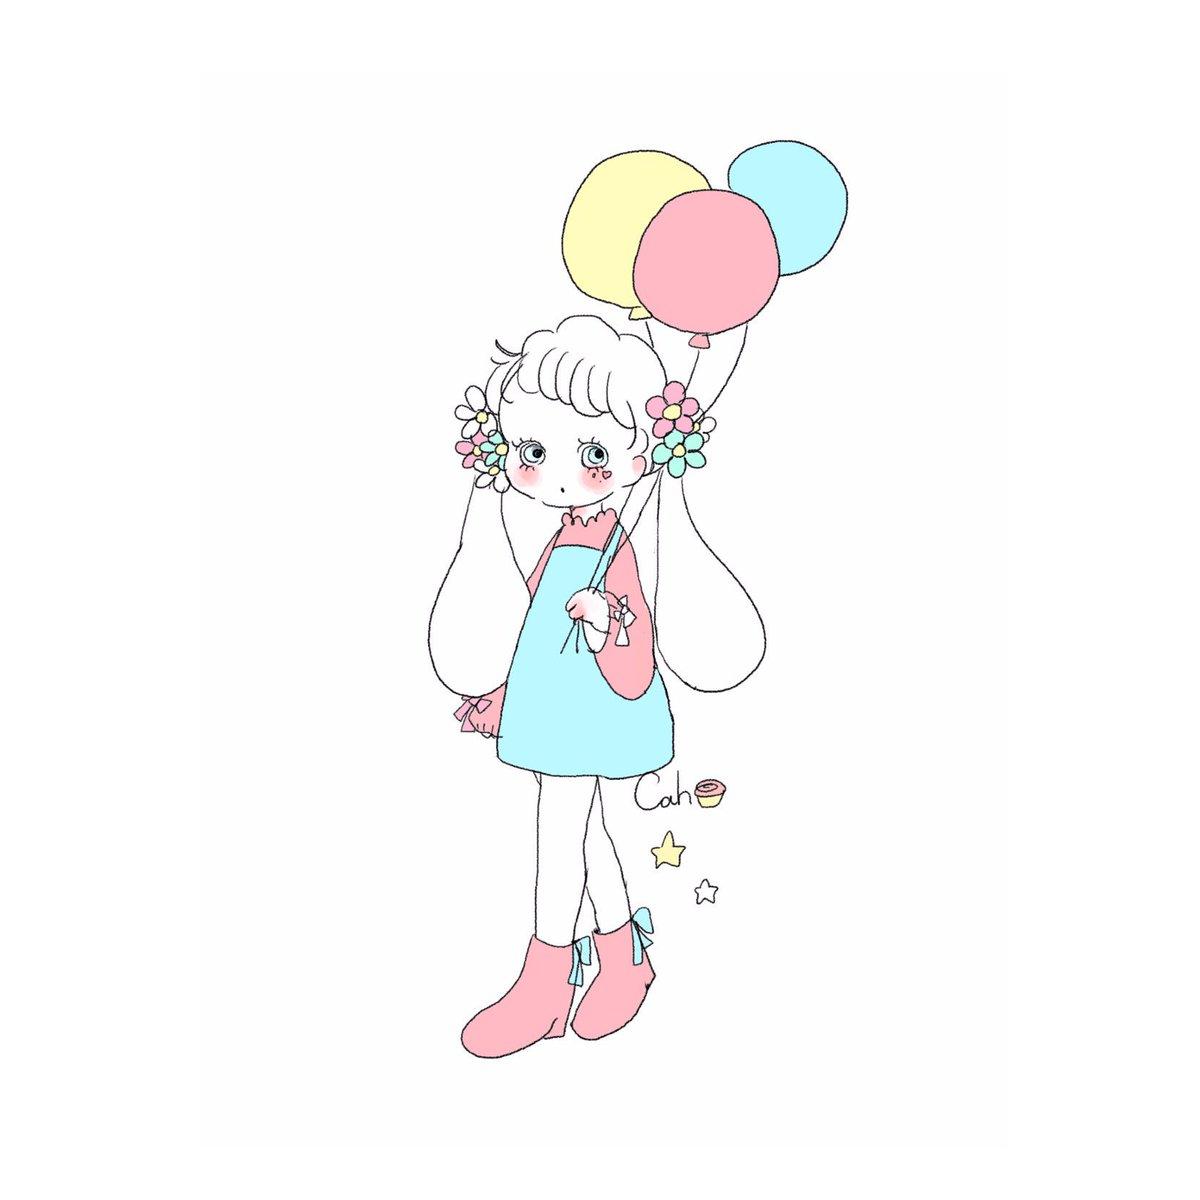 リクエストのサンリオキャラたち描きました〜〜💕💕